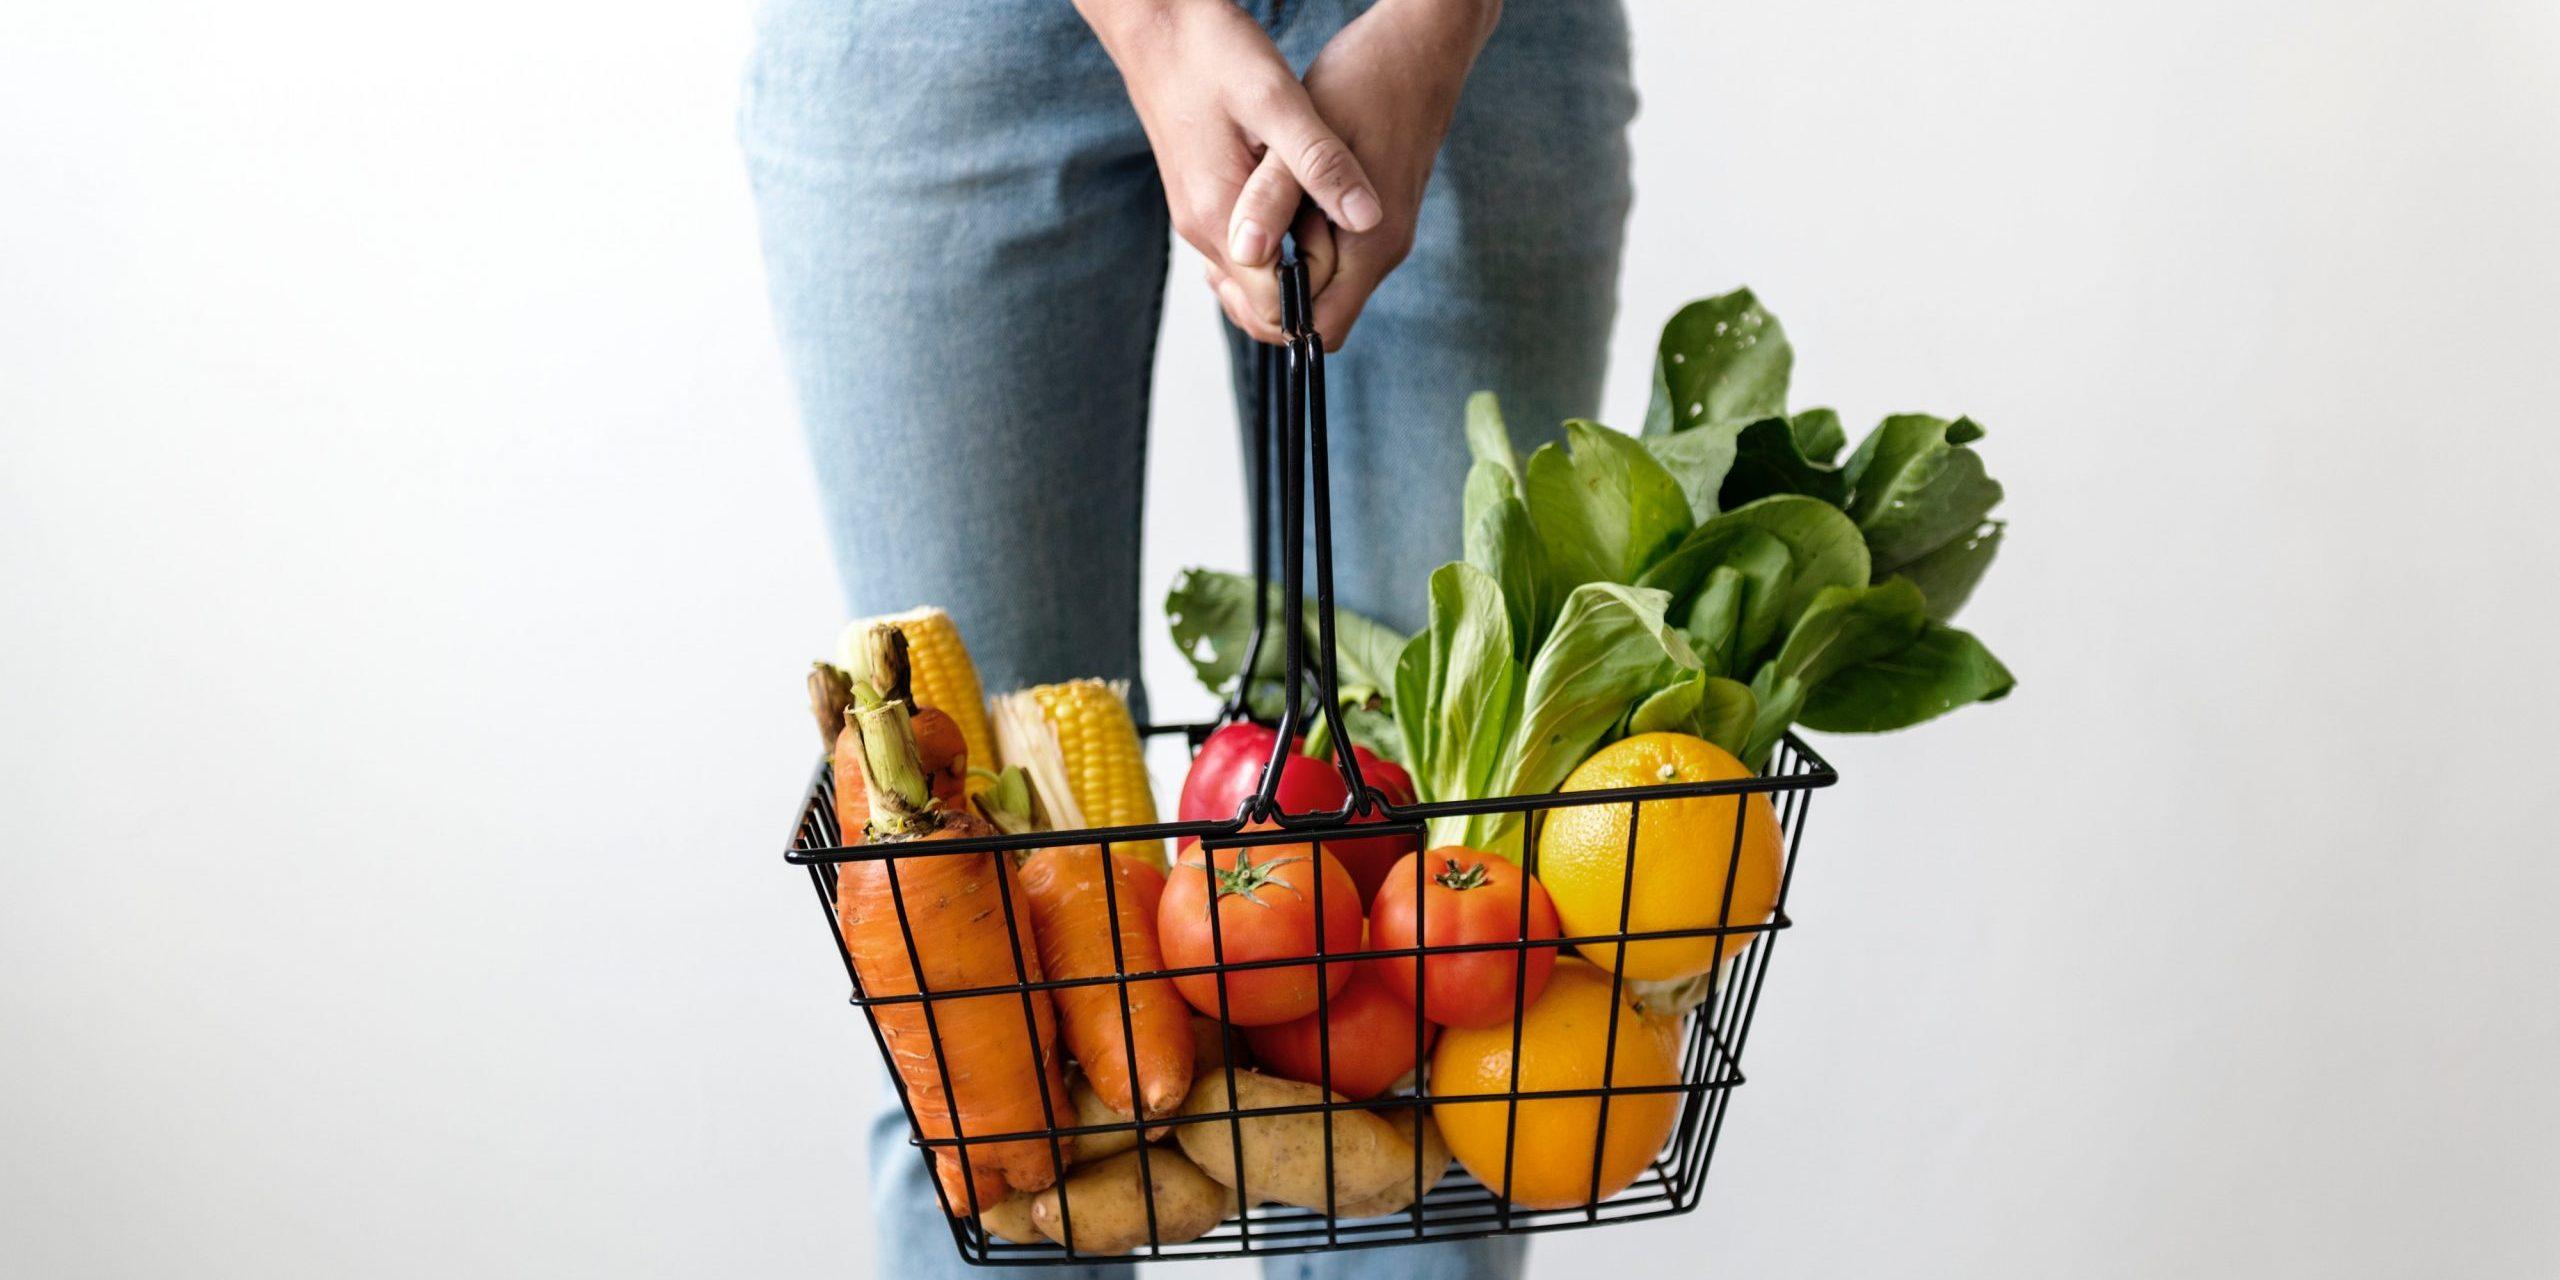 cele mai bune produse pentru slabit pierdeți în greutate cu boala celiacă